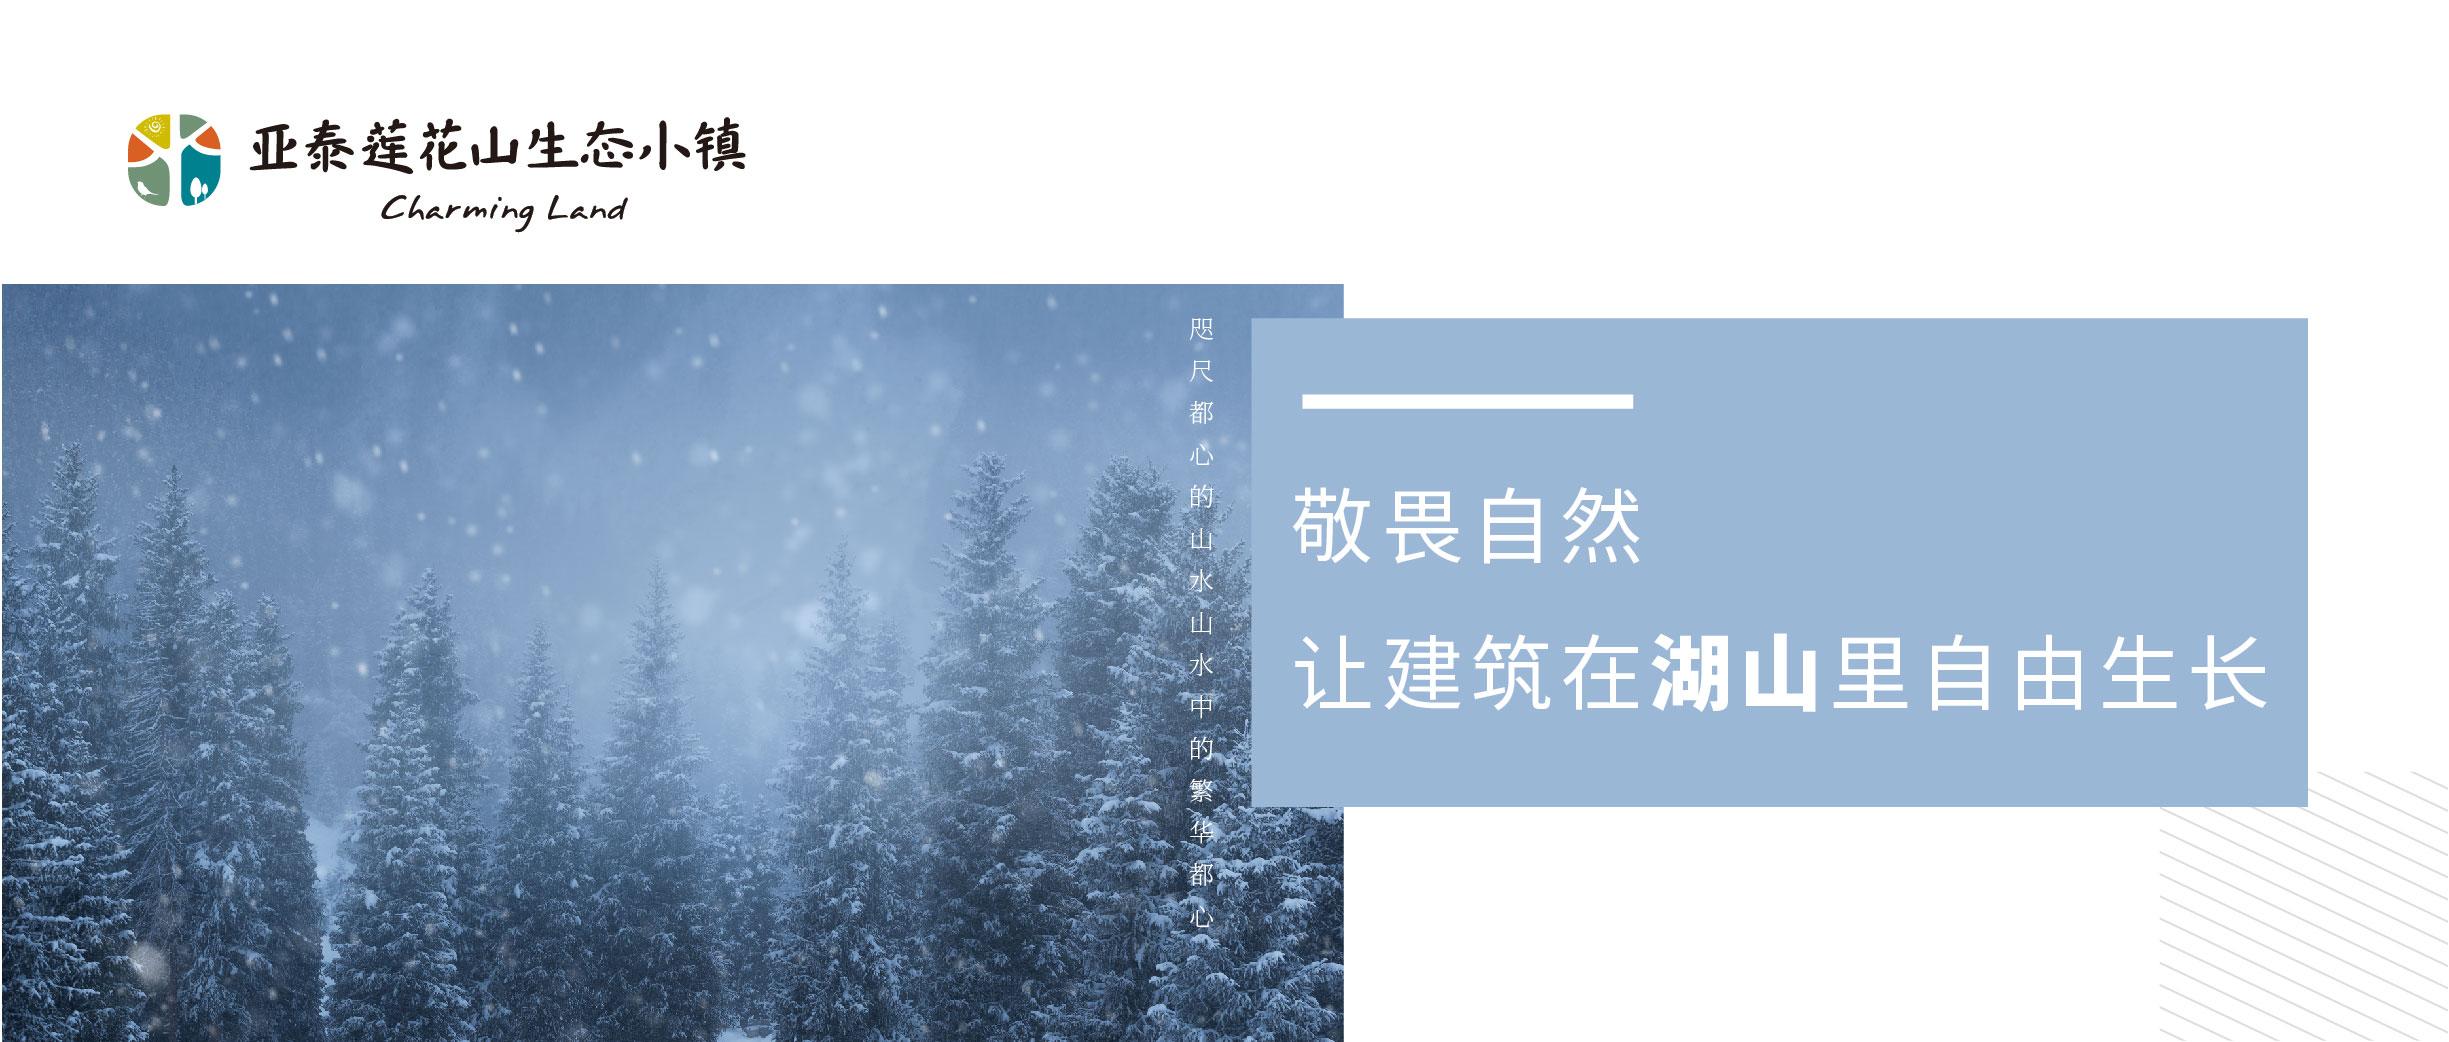 微信图片_20201127122014.jpg